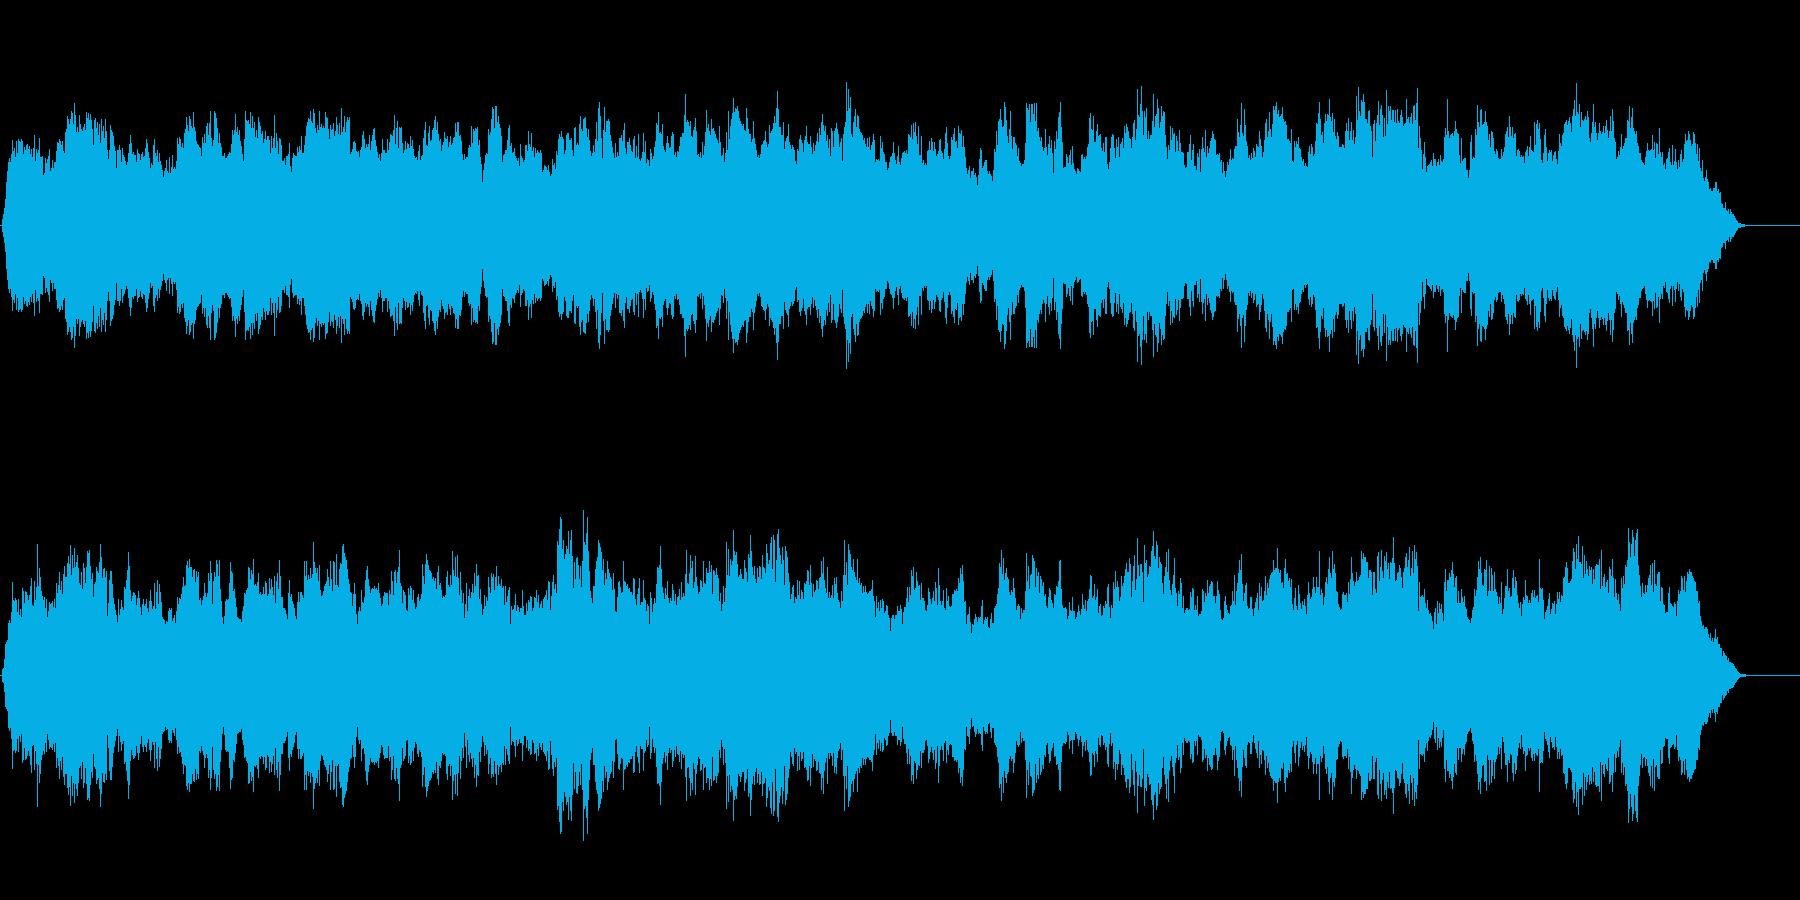 展開のあるオーケストラBGMの再生済みの波形